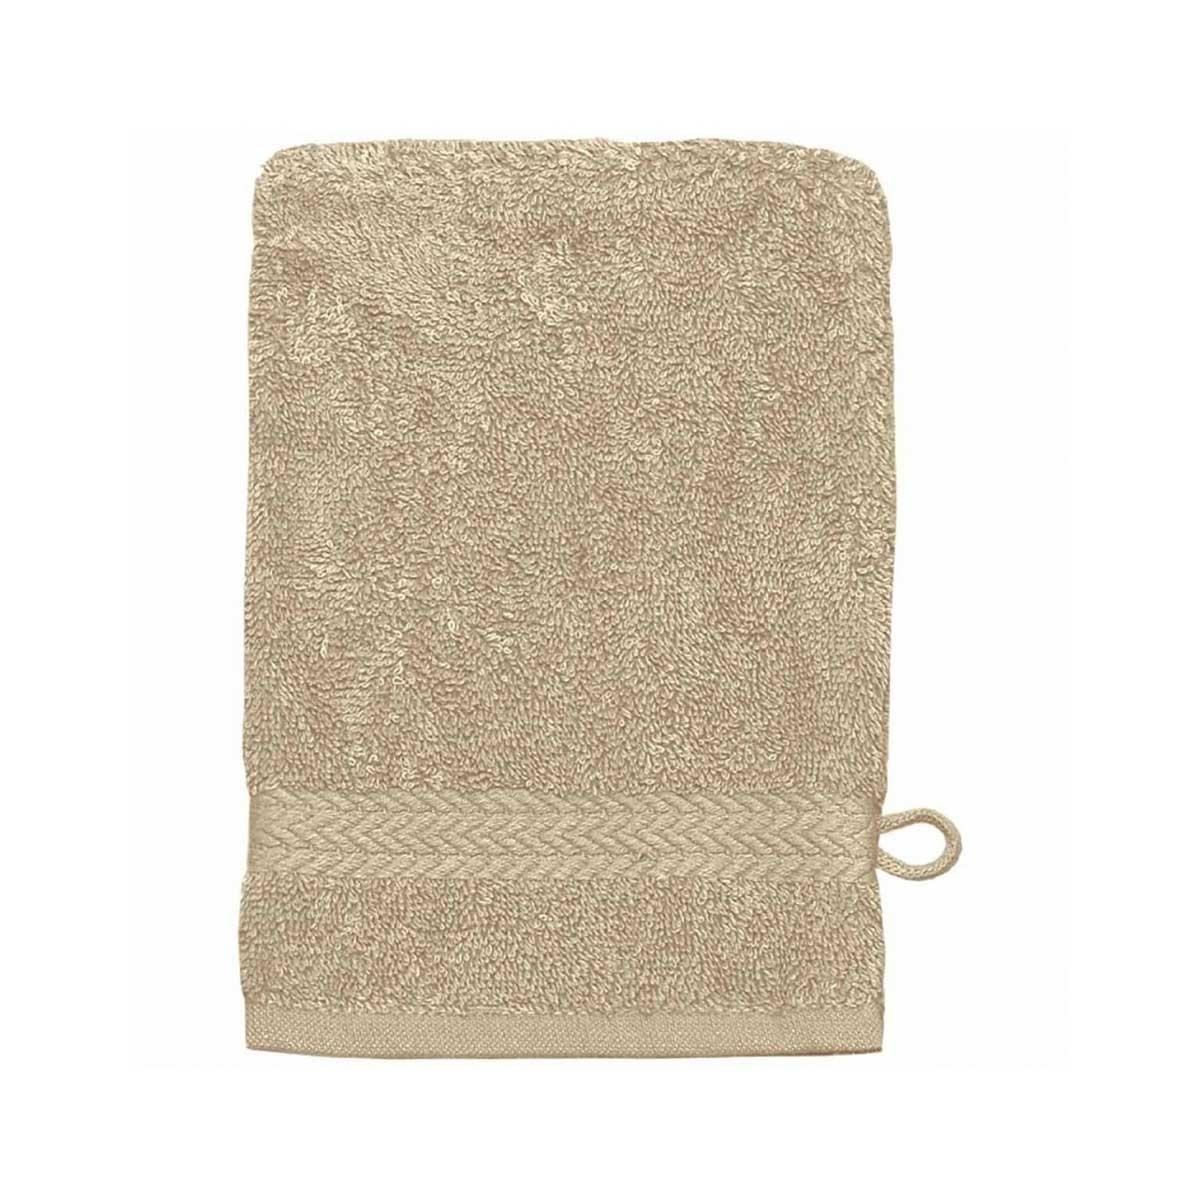 Gant de toilette 16 x 22 cm en Coton couleur Ficelle (Ficelle)